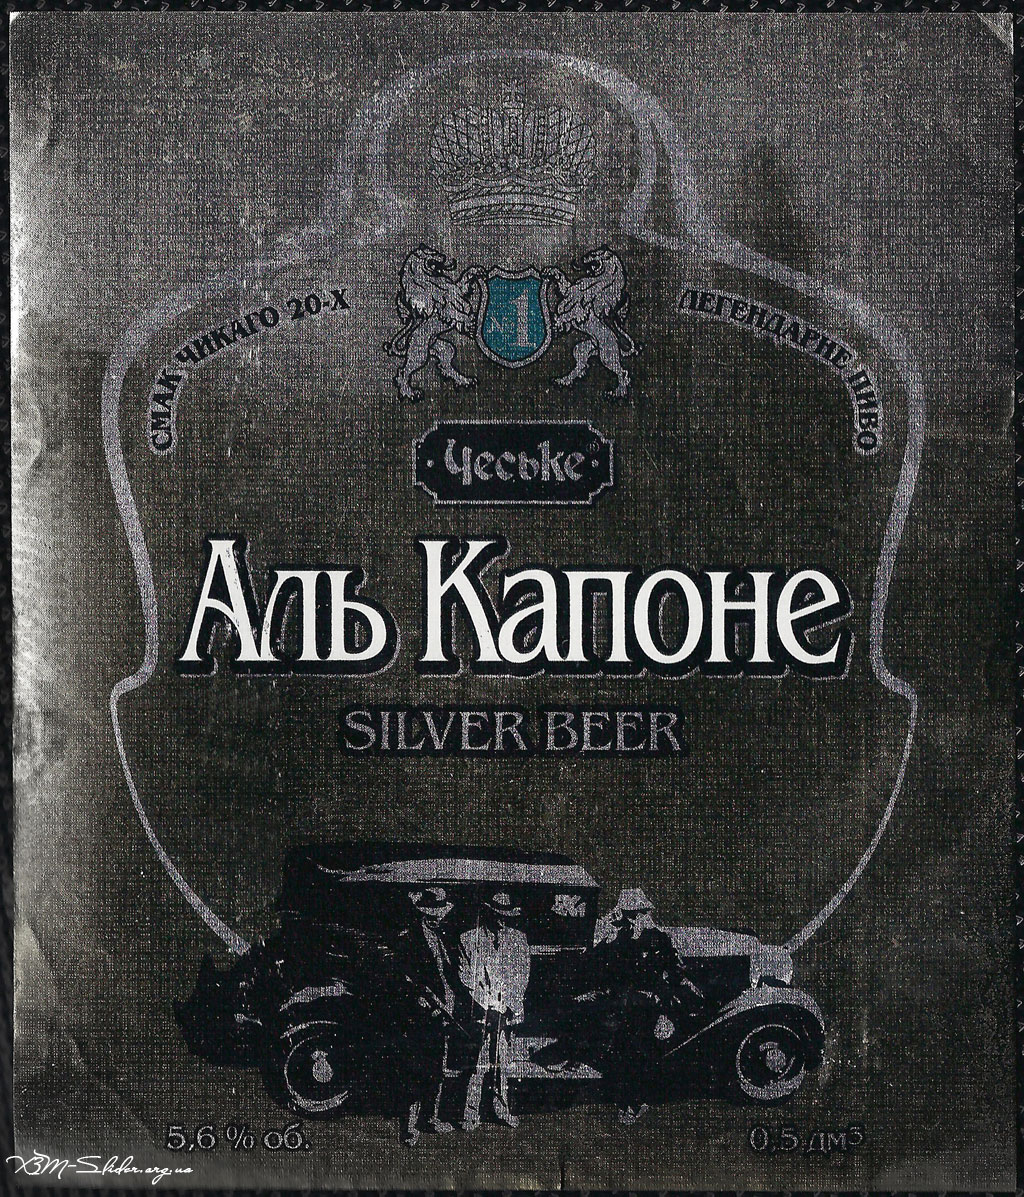 Аль Капоне - Чеське - Silver Beer